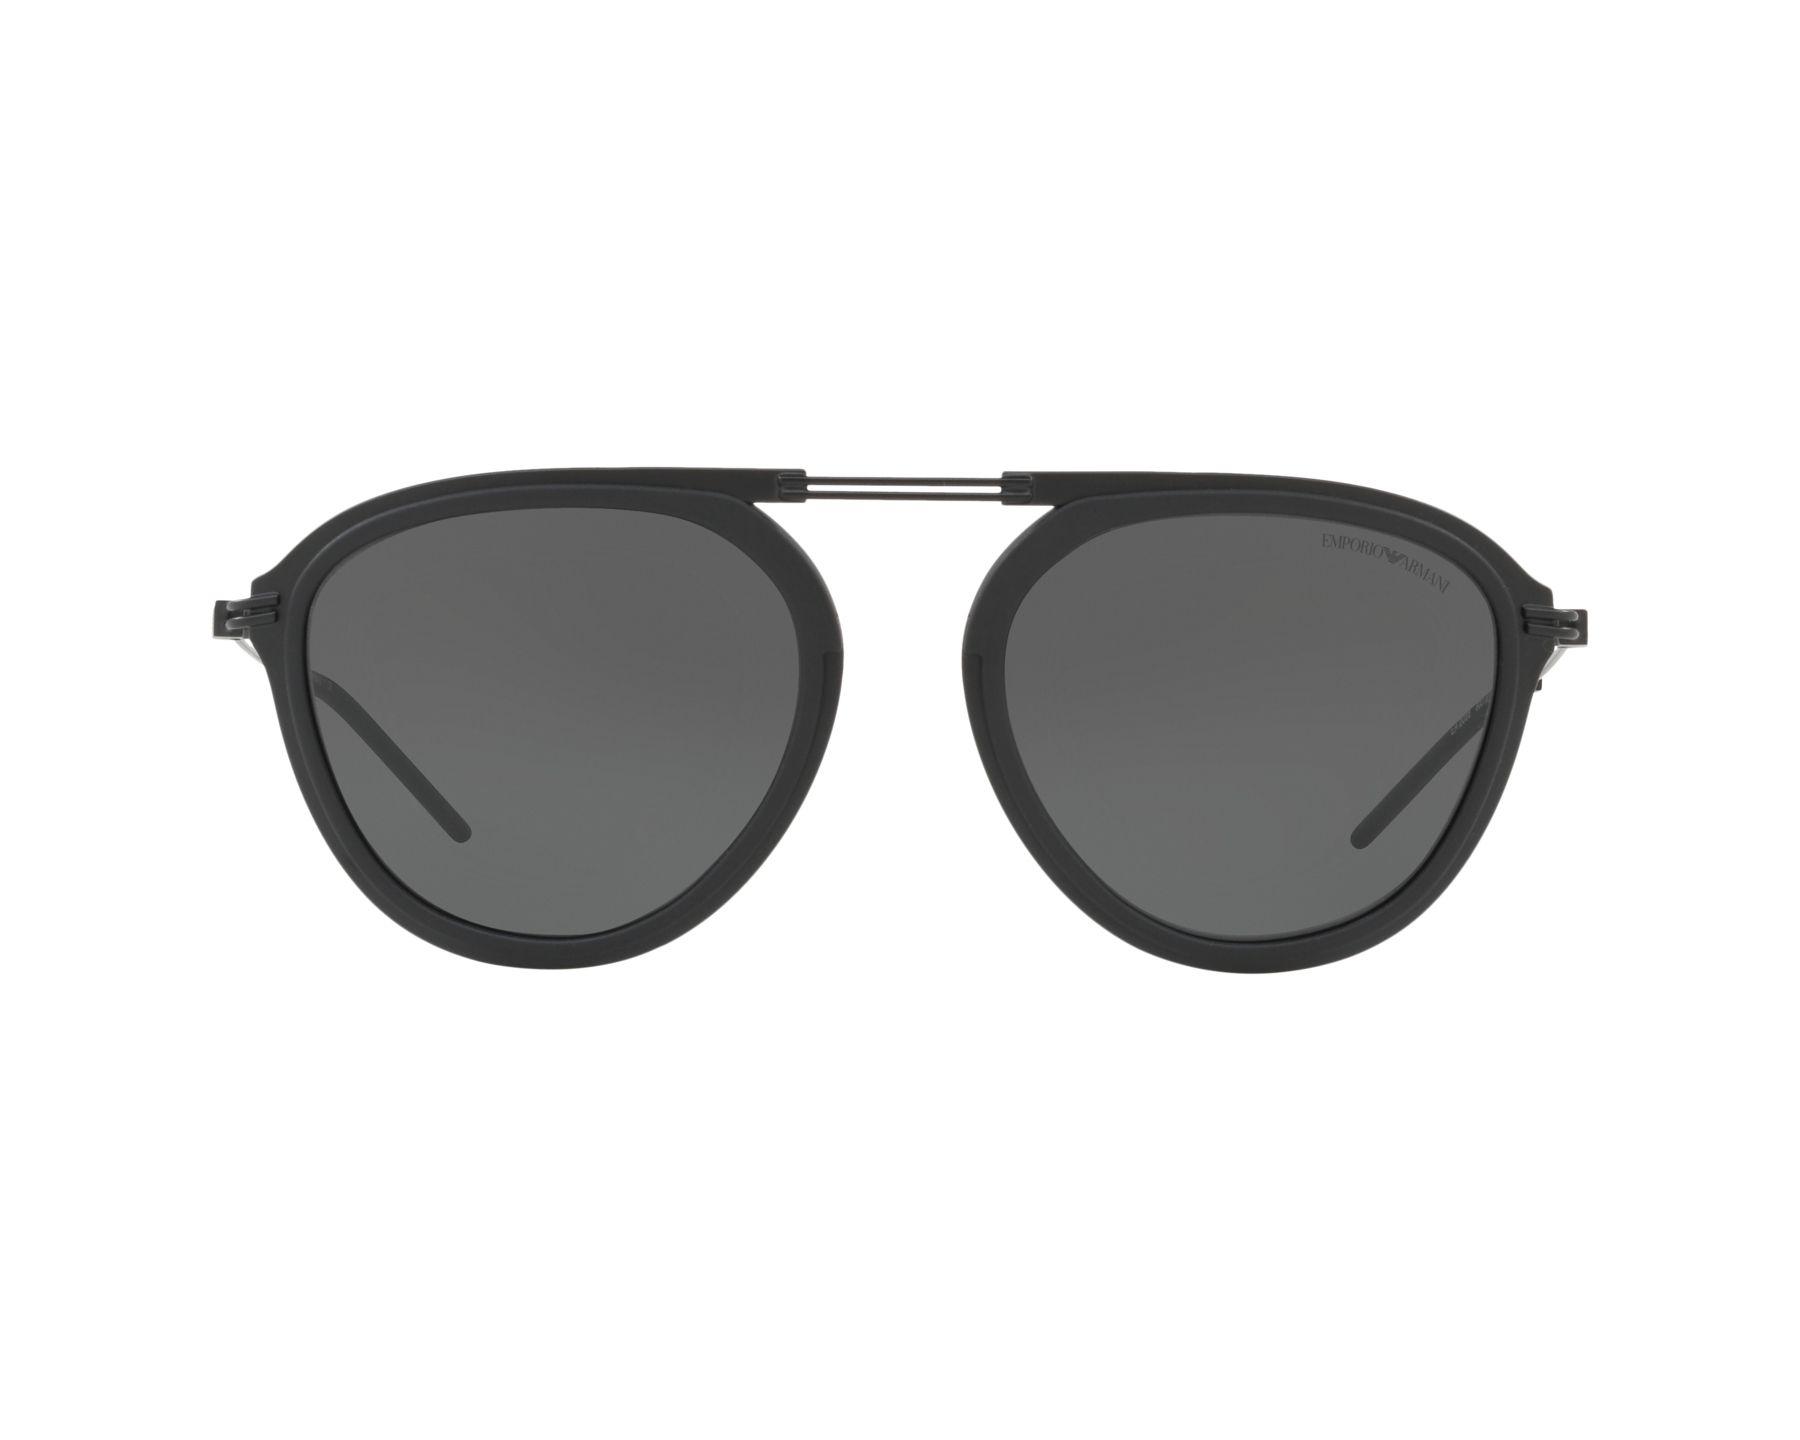 3361cb4d452 Sunglasses Emporio Armani EA-2056 300187 54-19 Black 360 degree view 1